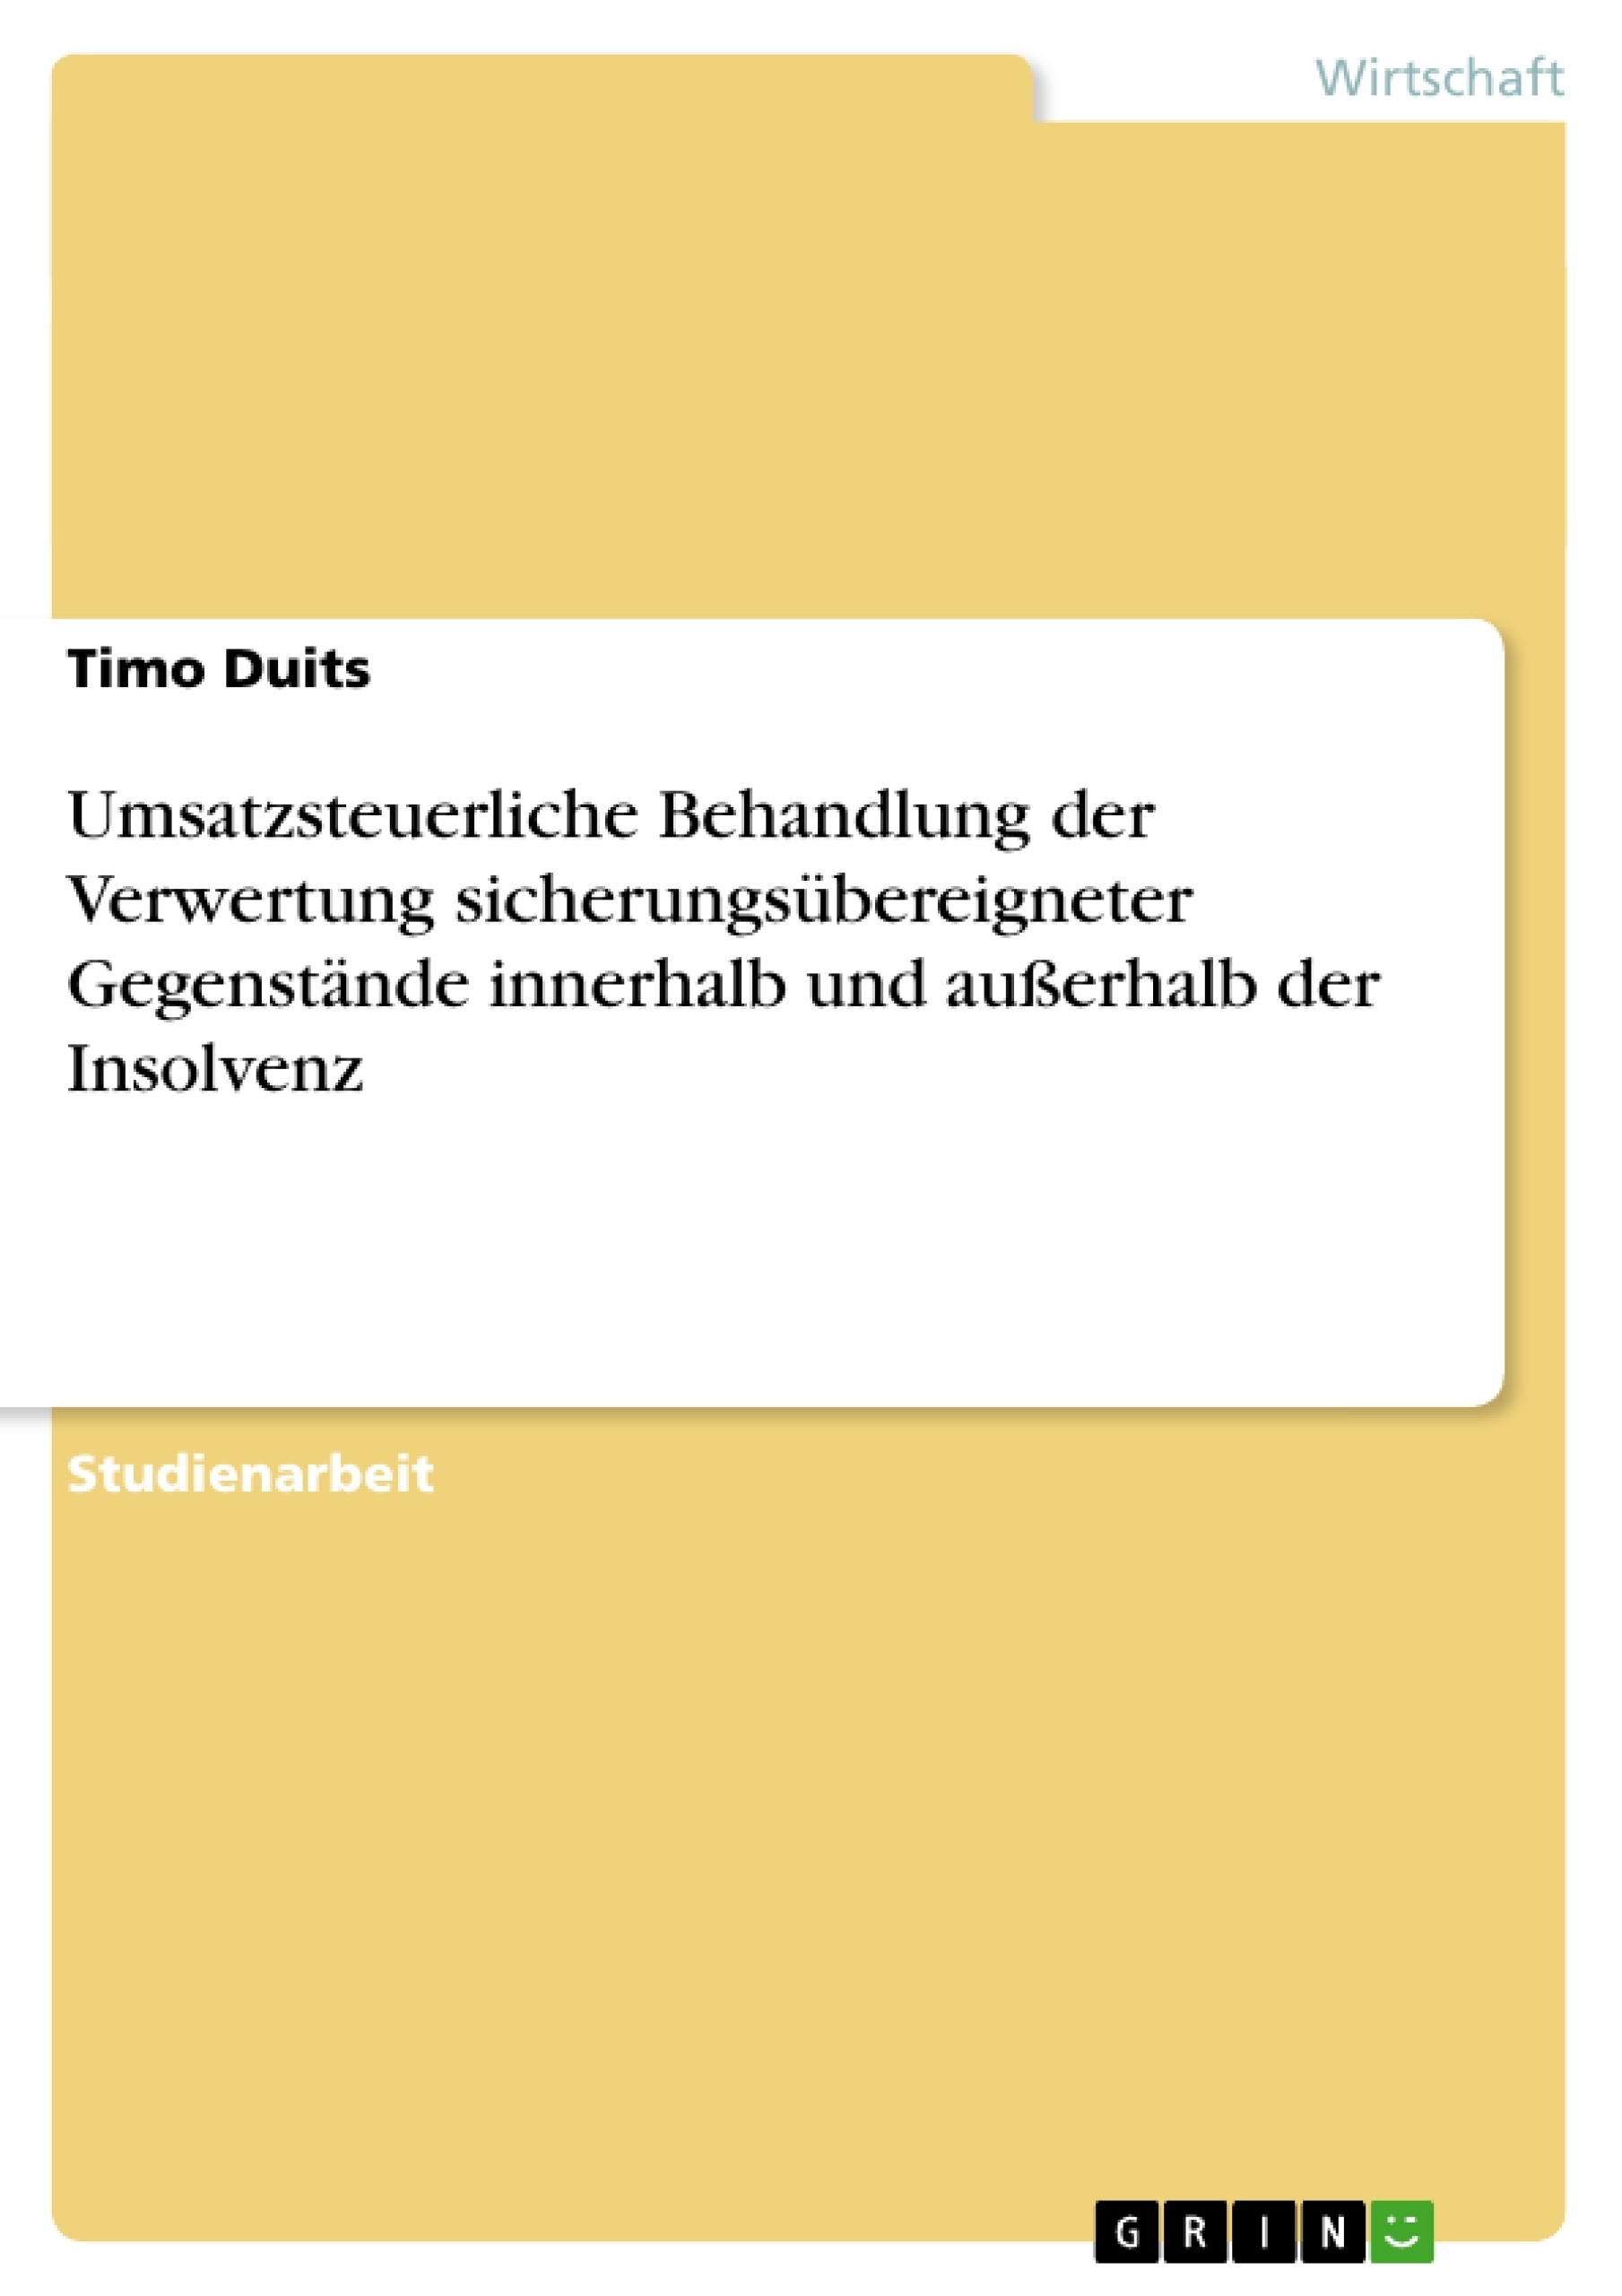 Titel: Umsatzsteuerliche Behandlung der Verwertung sicherungsübereigneter Gegenstände innerhalb und außerhalb der Insolvenz